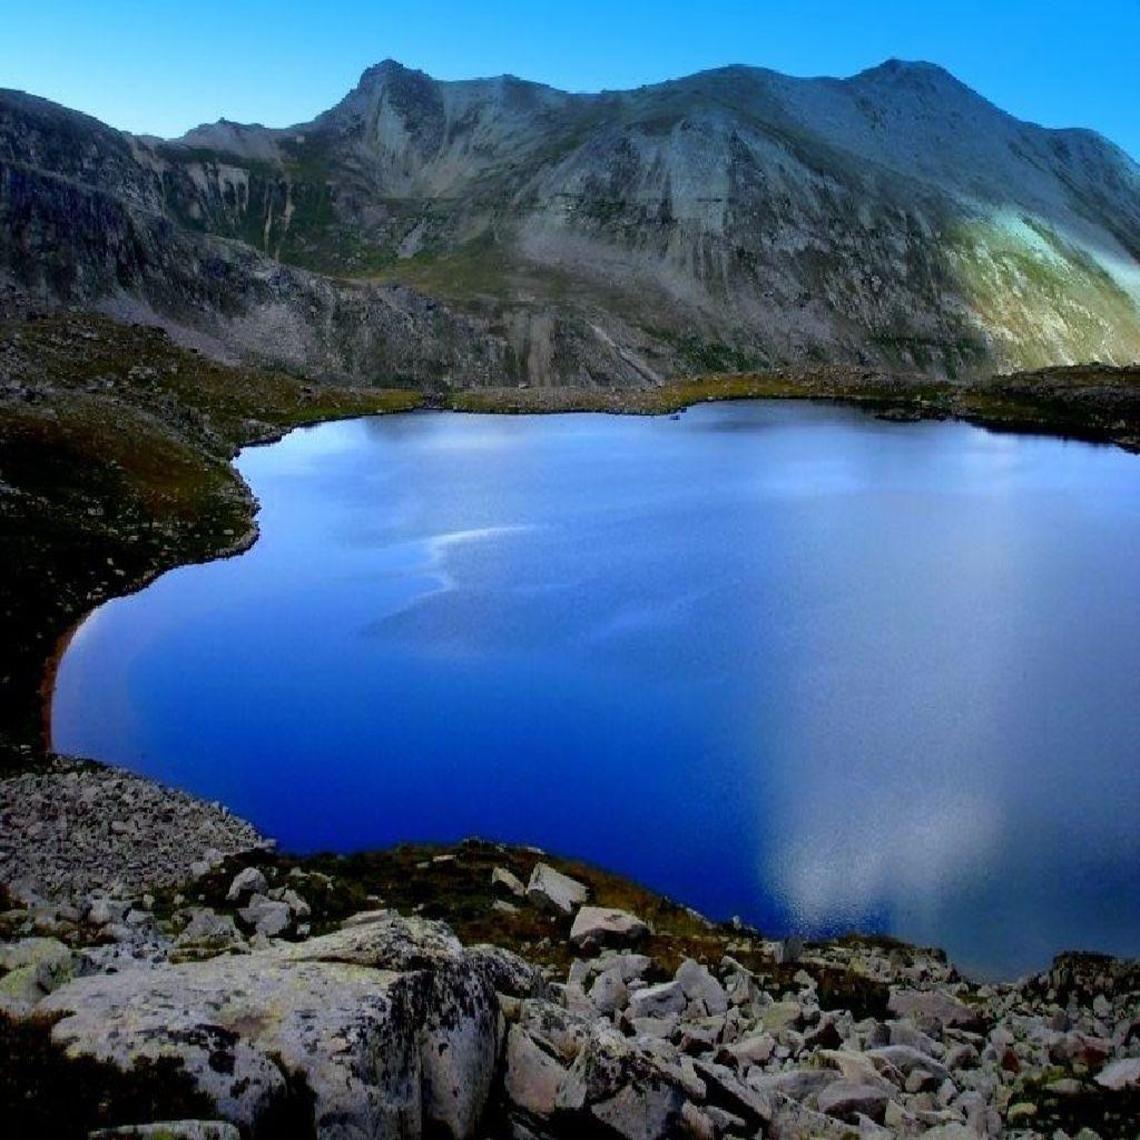 ice lake kachgar mountains